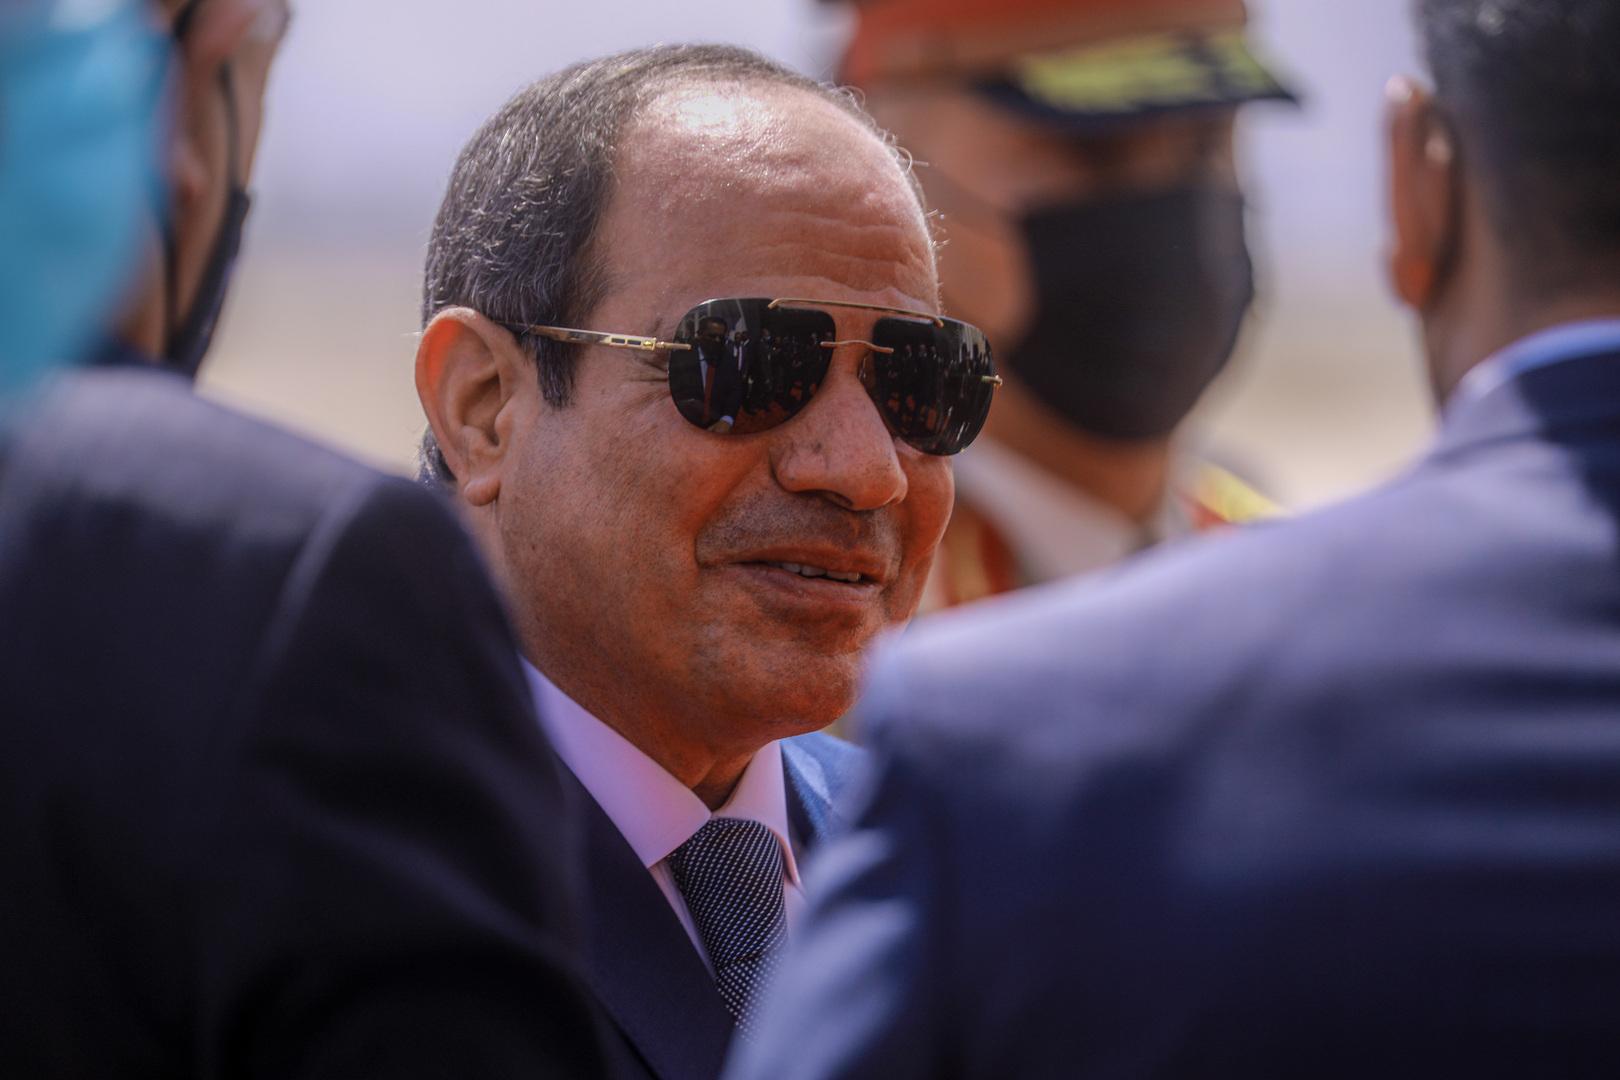 السيسي يصدر قرارا عاجلا بوقف الدعم عن المتعدين على الأراضي الزراعية